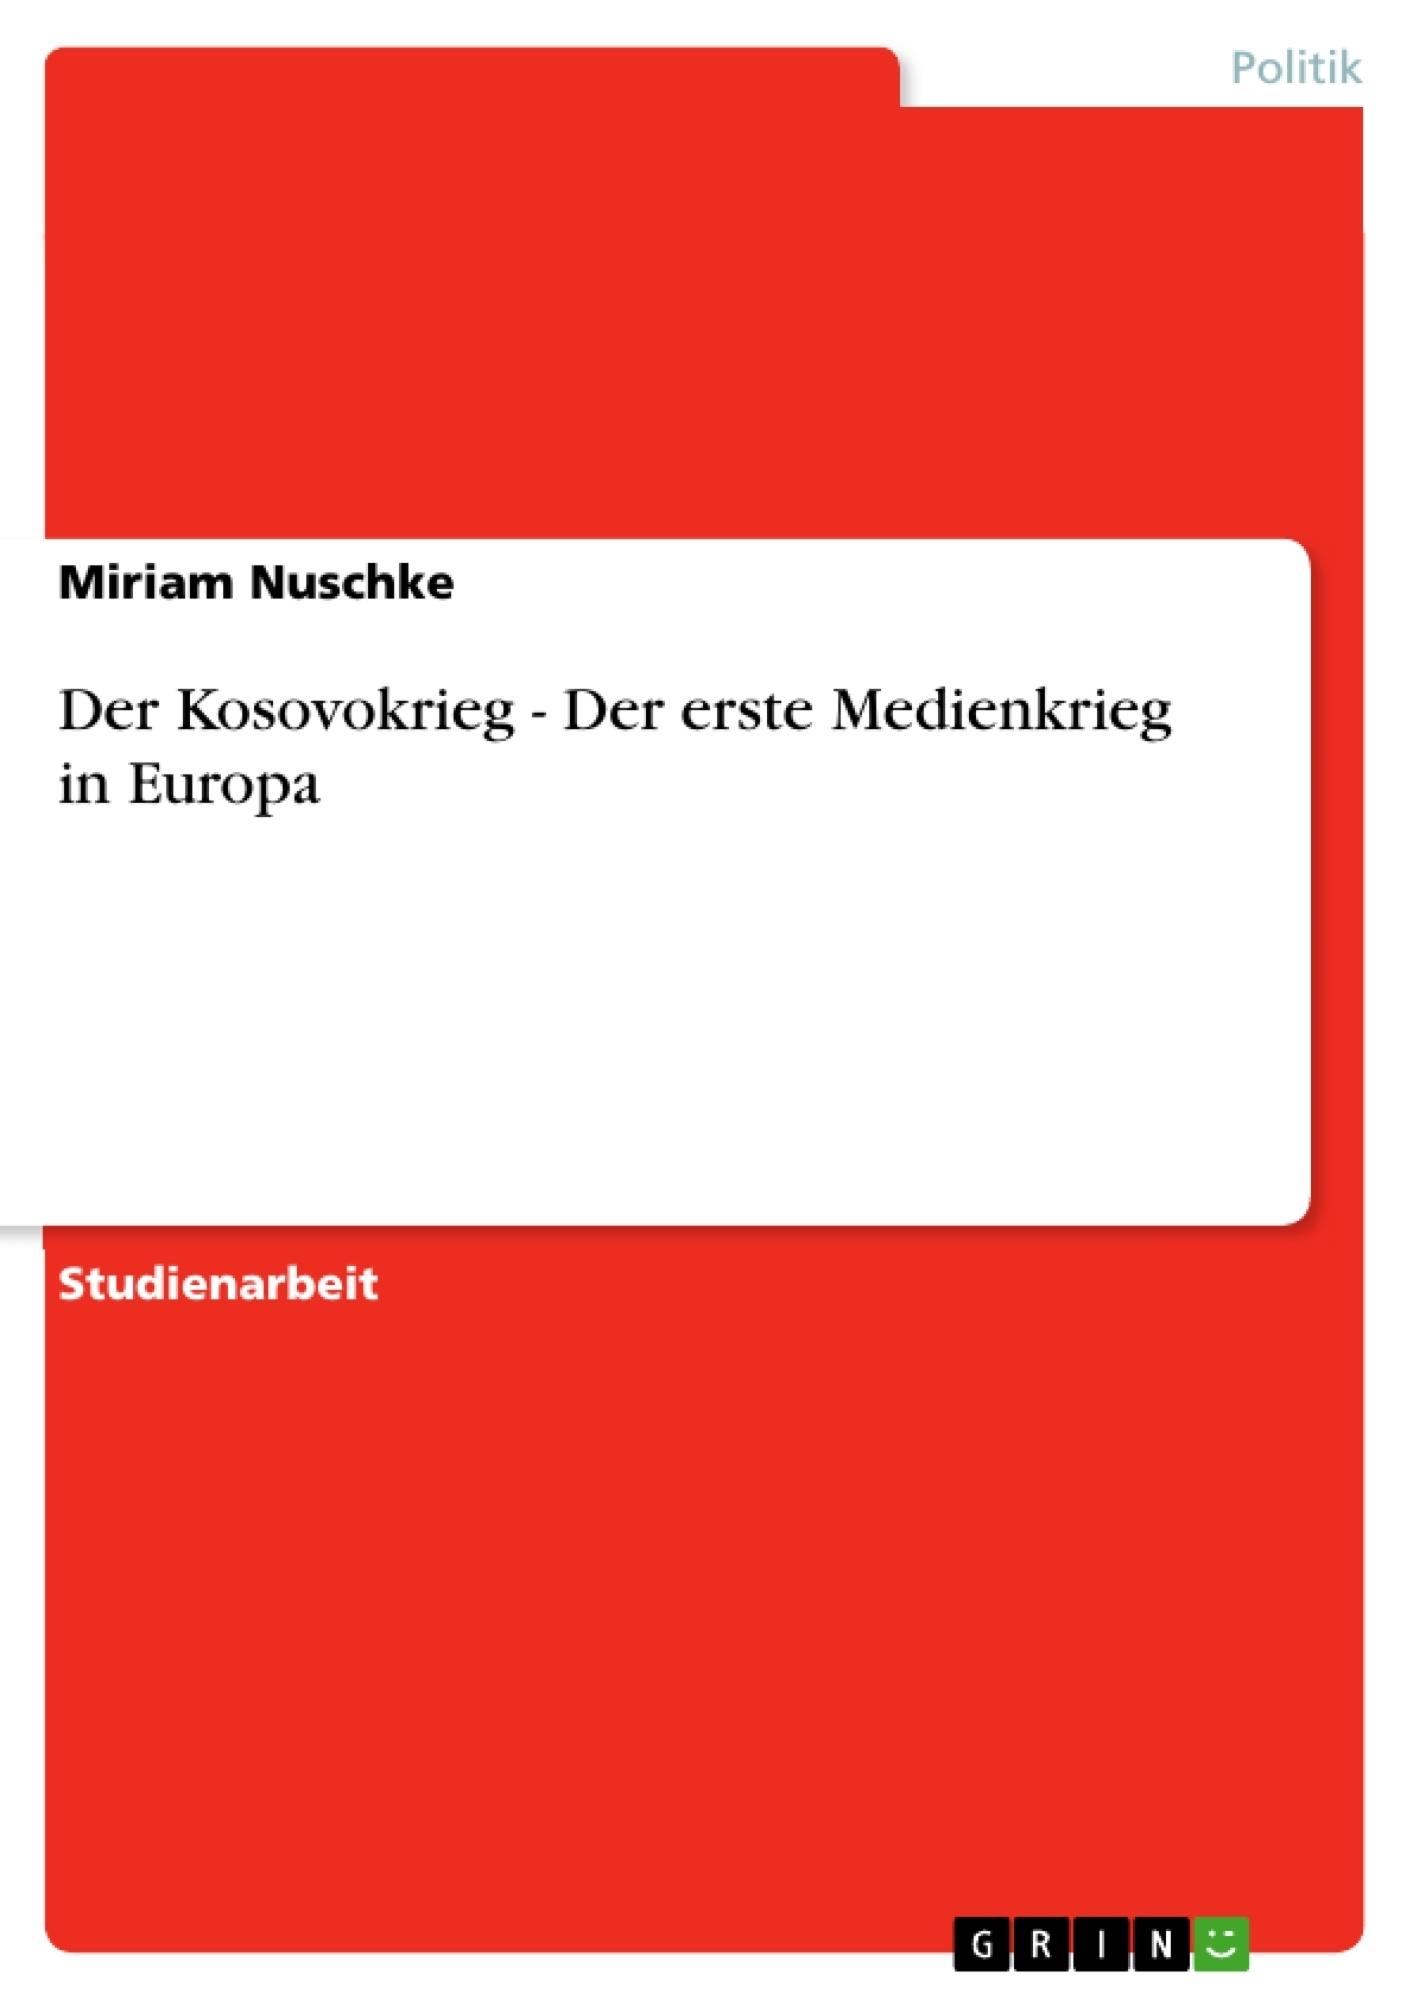 Titel: Der Kosovokrieg - Der erste Medienkrieg in Europa